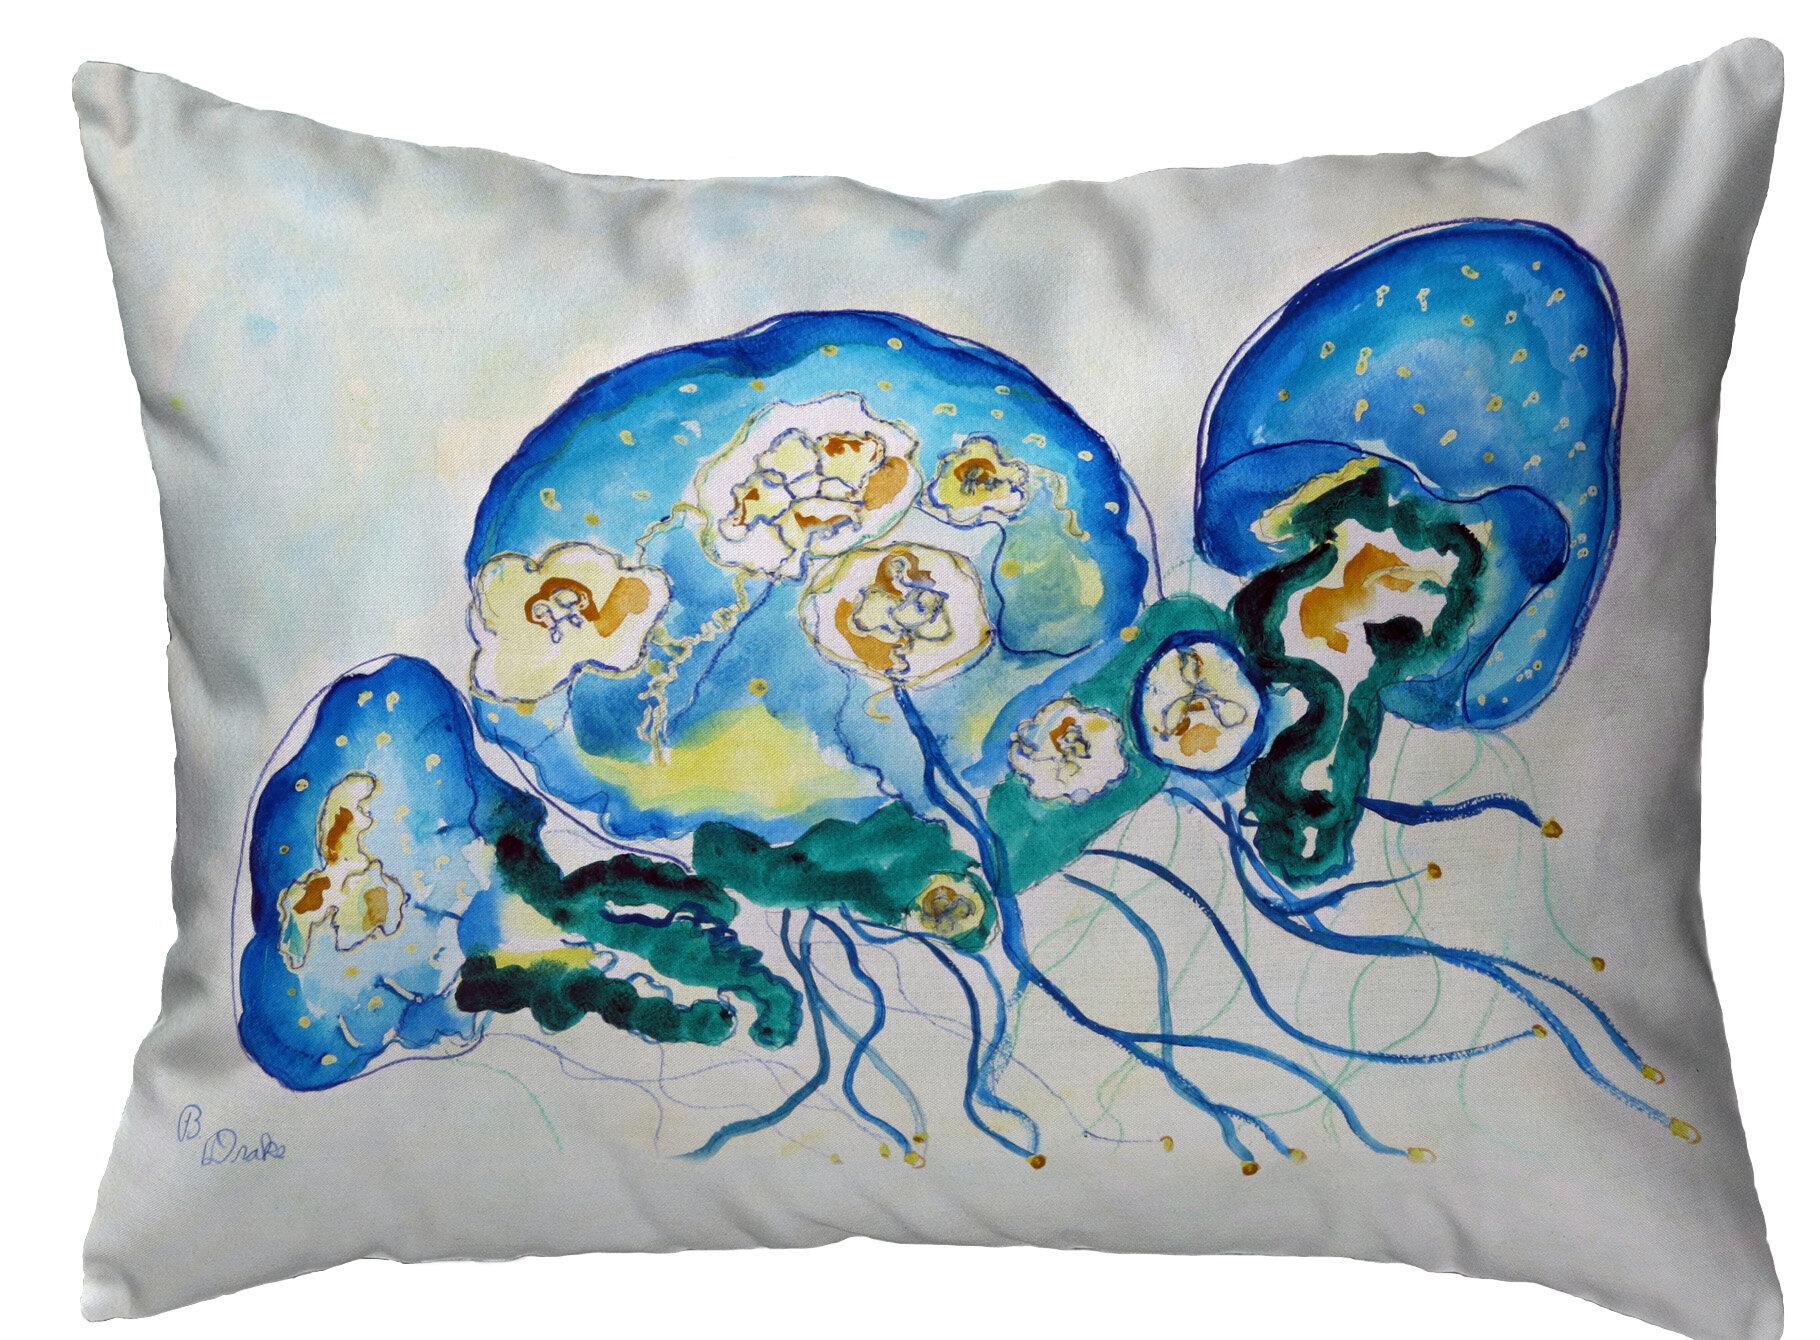 Highland Dunes Penner Multi Jellyfish Indoor Outdoor Lumbar Pillow Wayfair